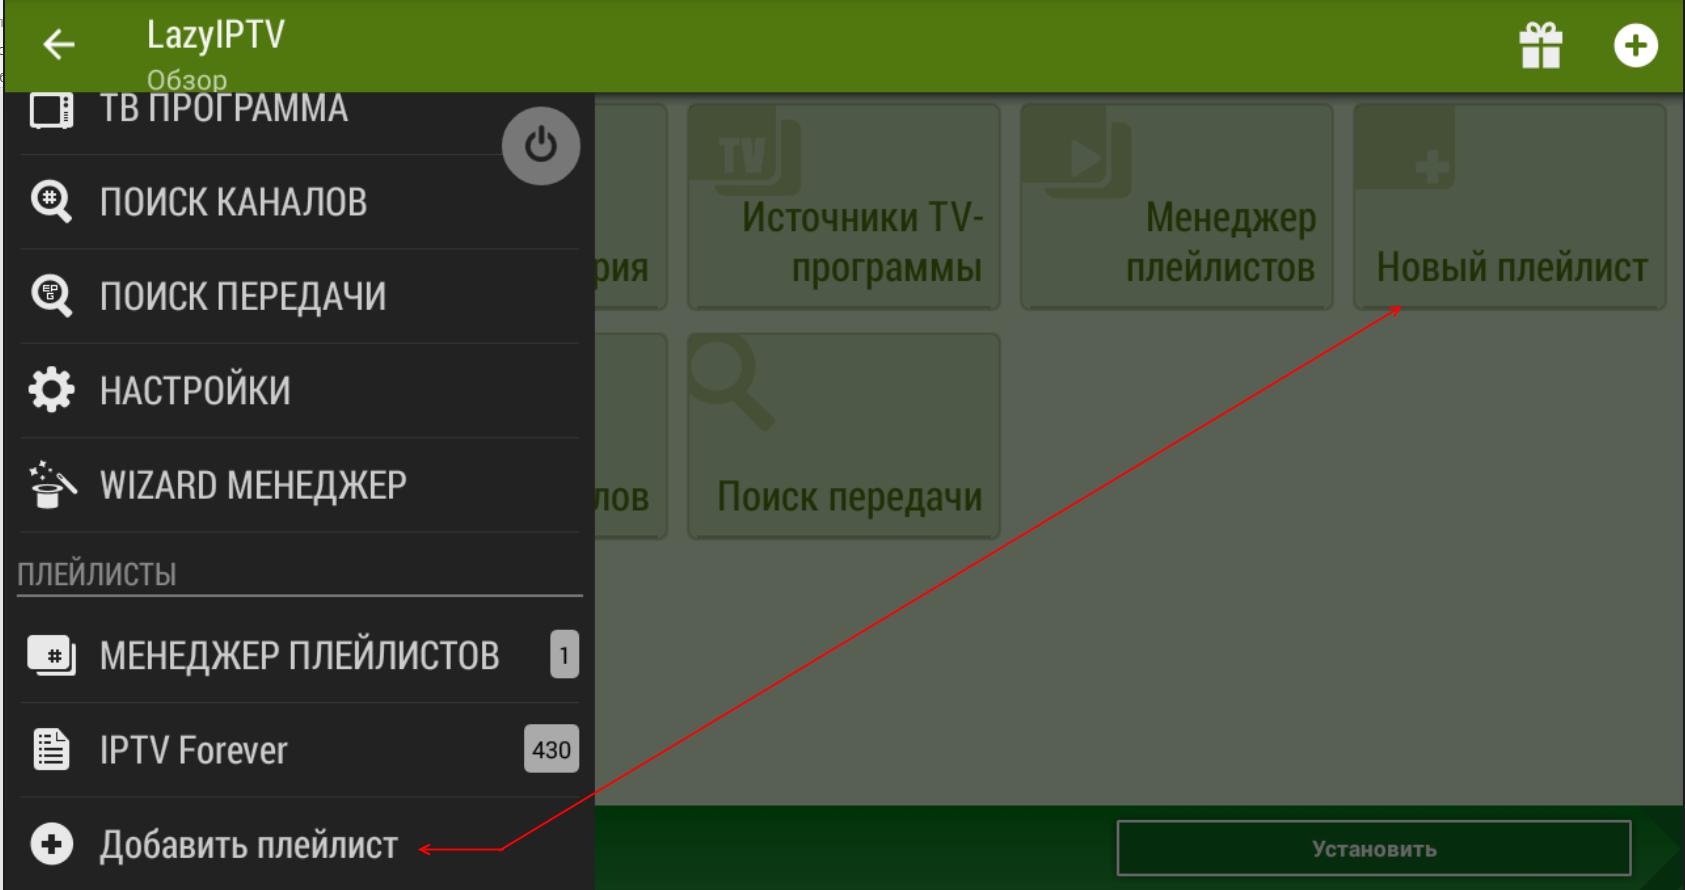 Скачать lazy iptv для Android на русском бесплатно версия.45